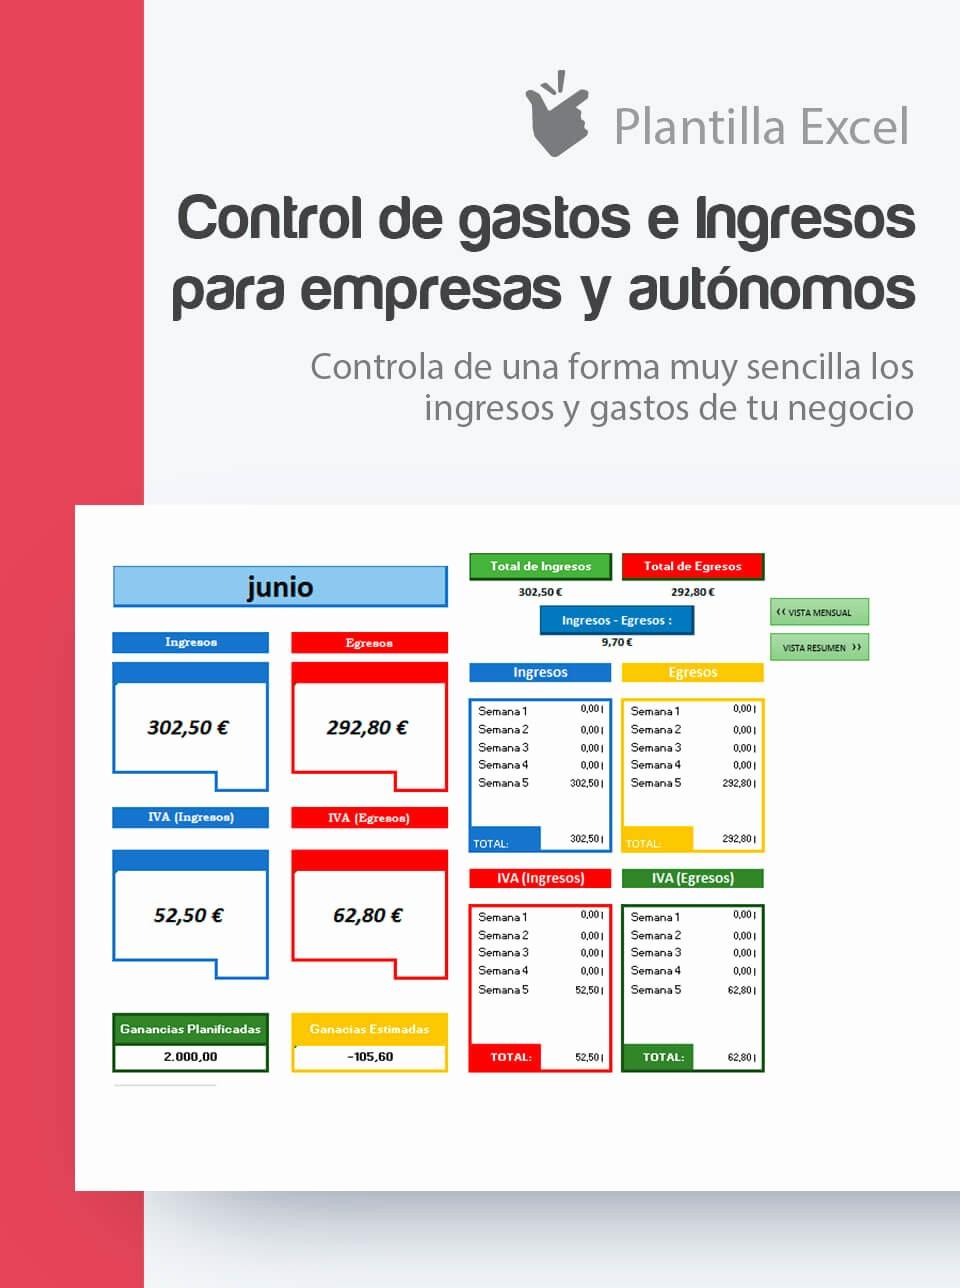 Formatos Para Control De Gastos Best Of Plantilla De Control De Gastos E Ingresos Para Empresas Y